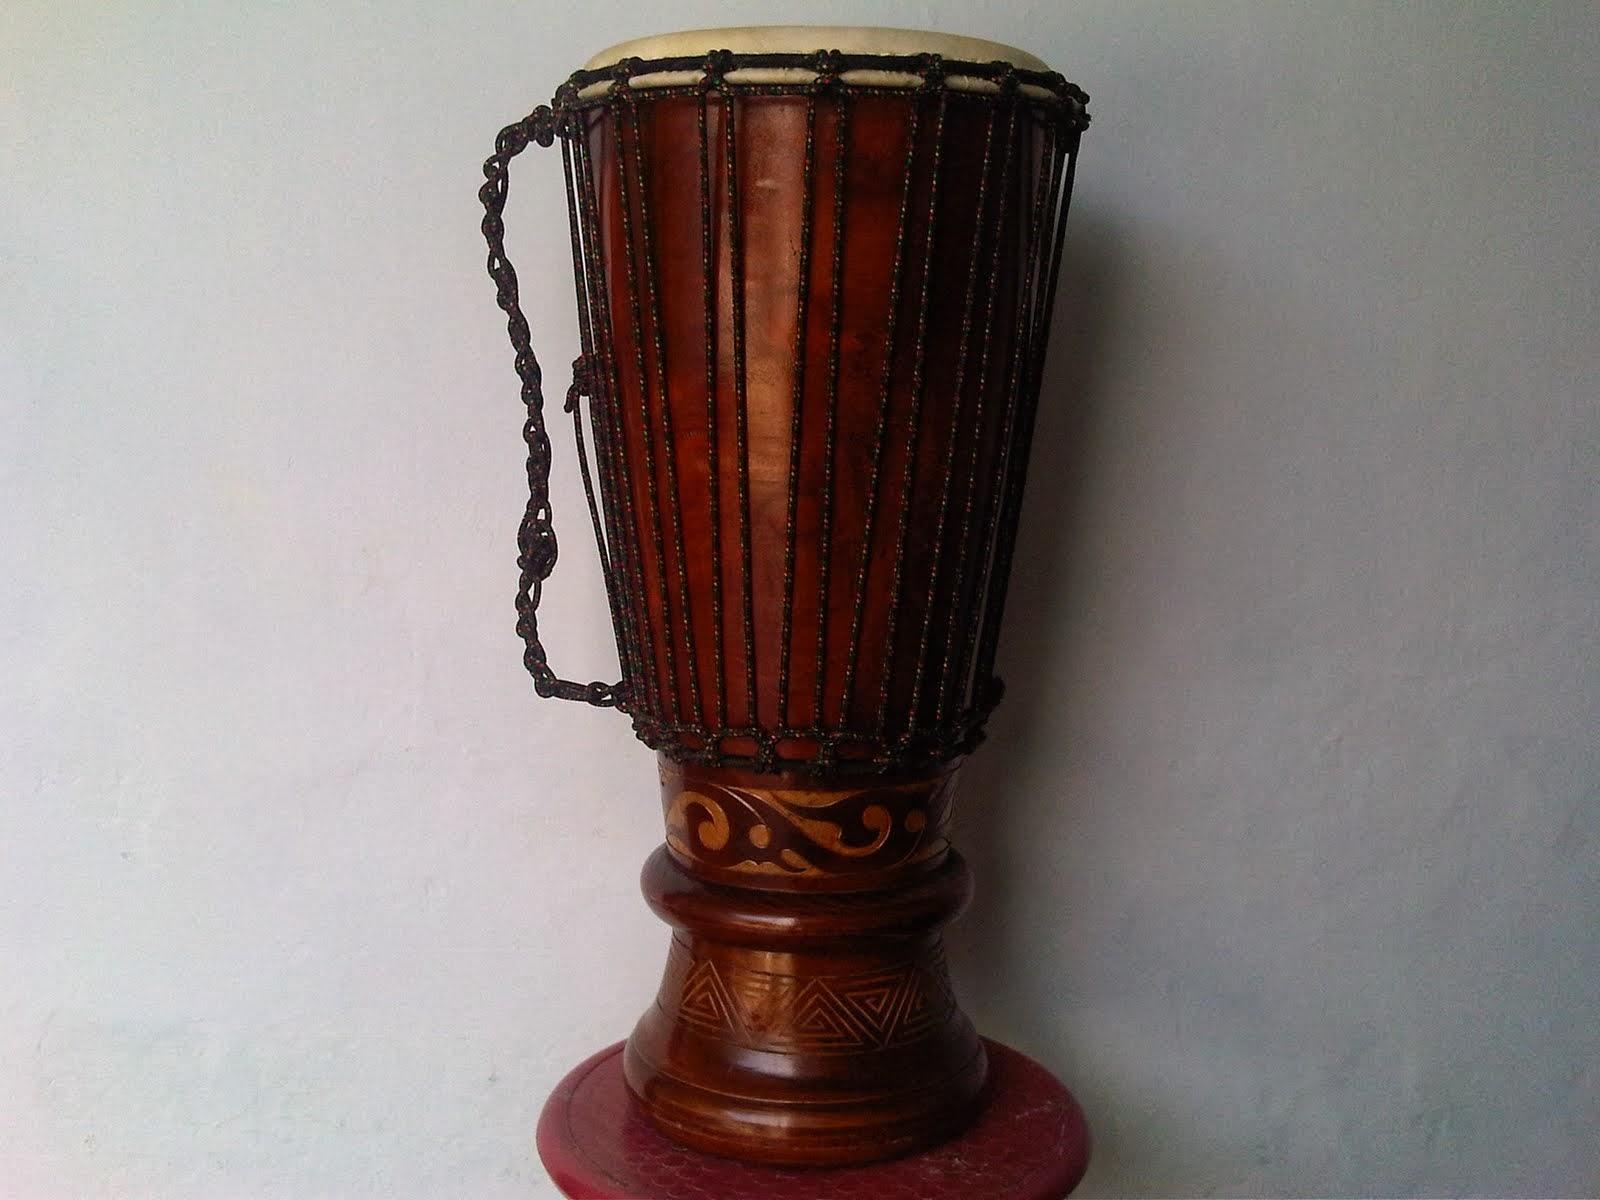 Alat Musik Yang Popular   www.topsimages.com